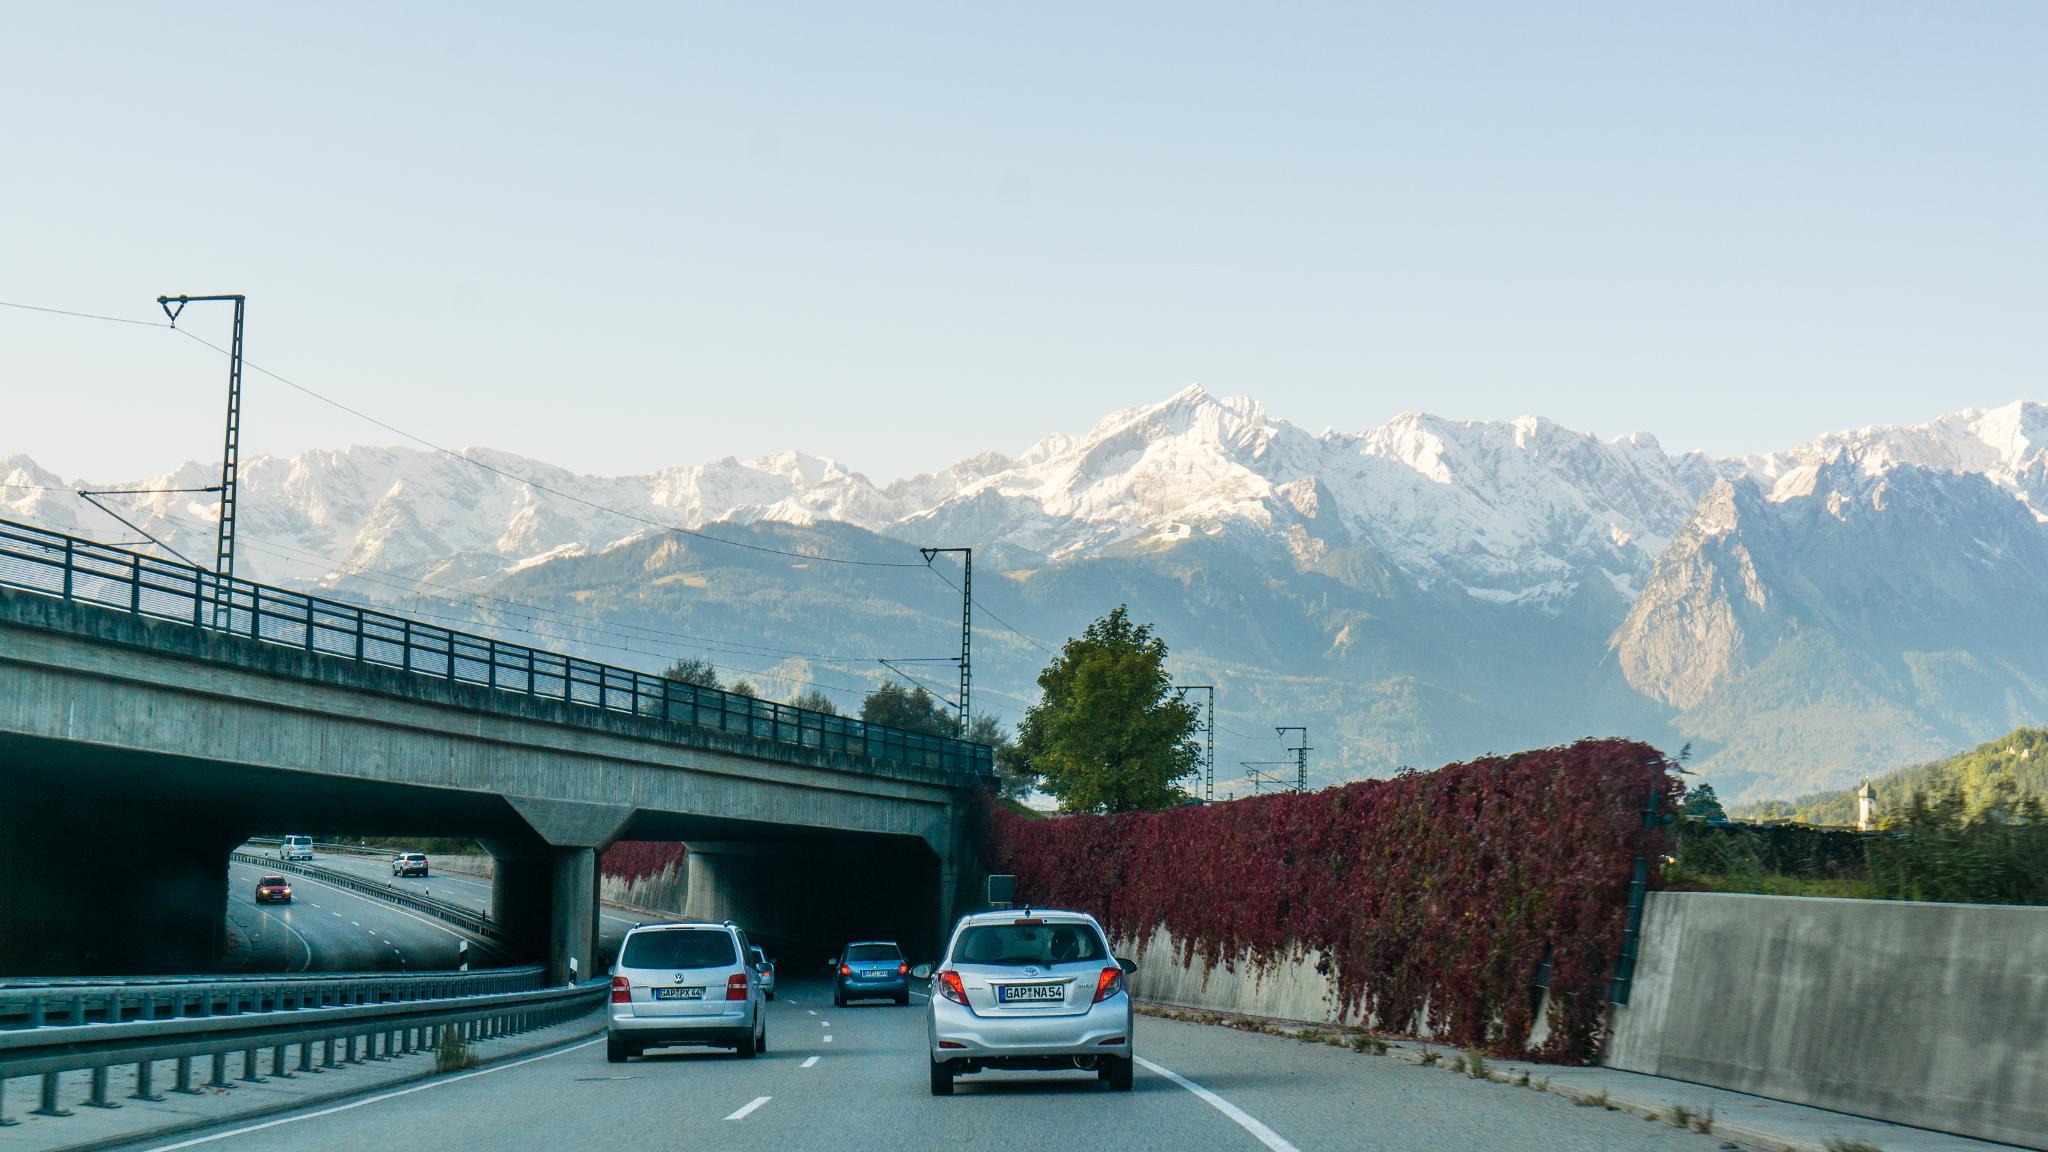 【德國】阿爾卑斯大道:楚格峰 (Zugspitze) 登上德國之巔 7